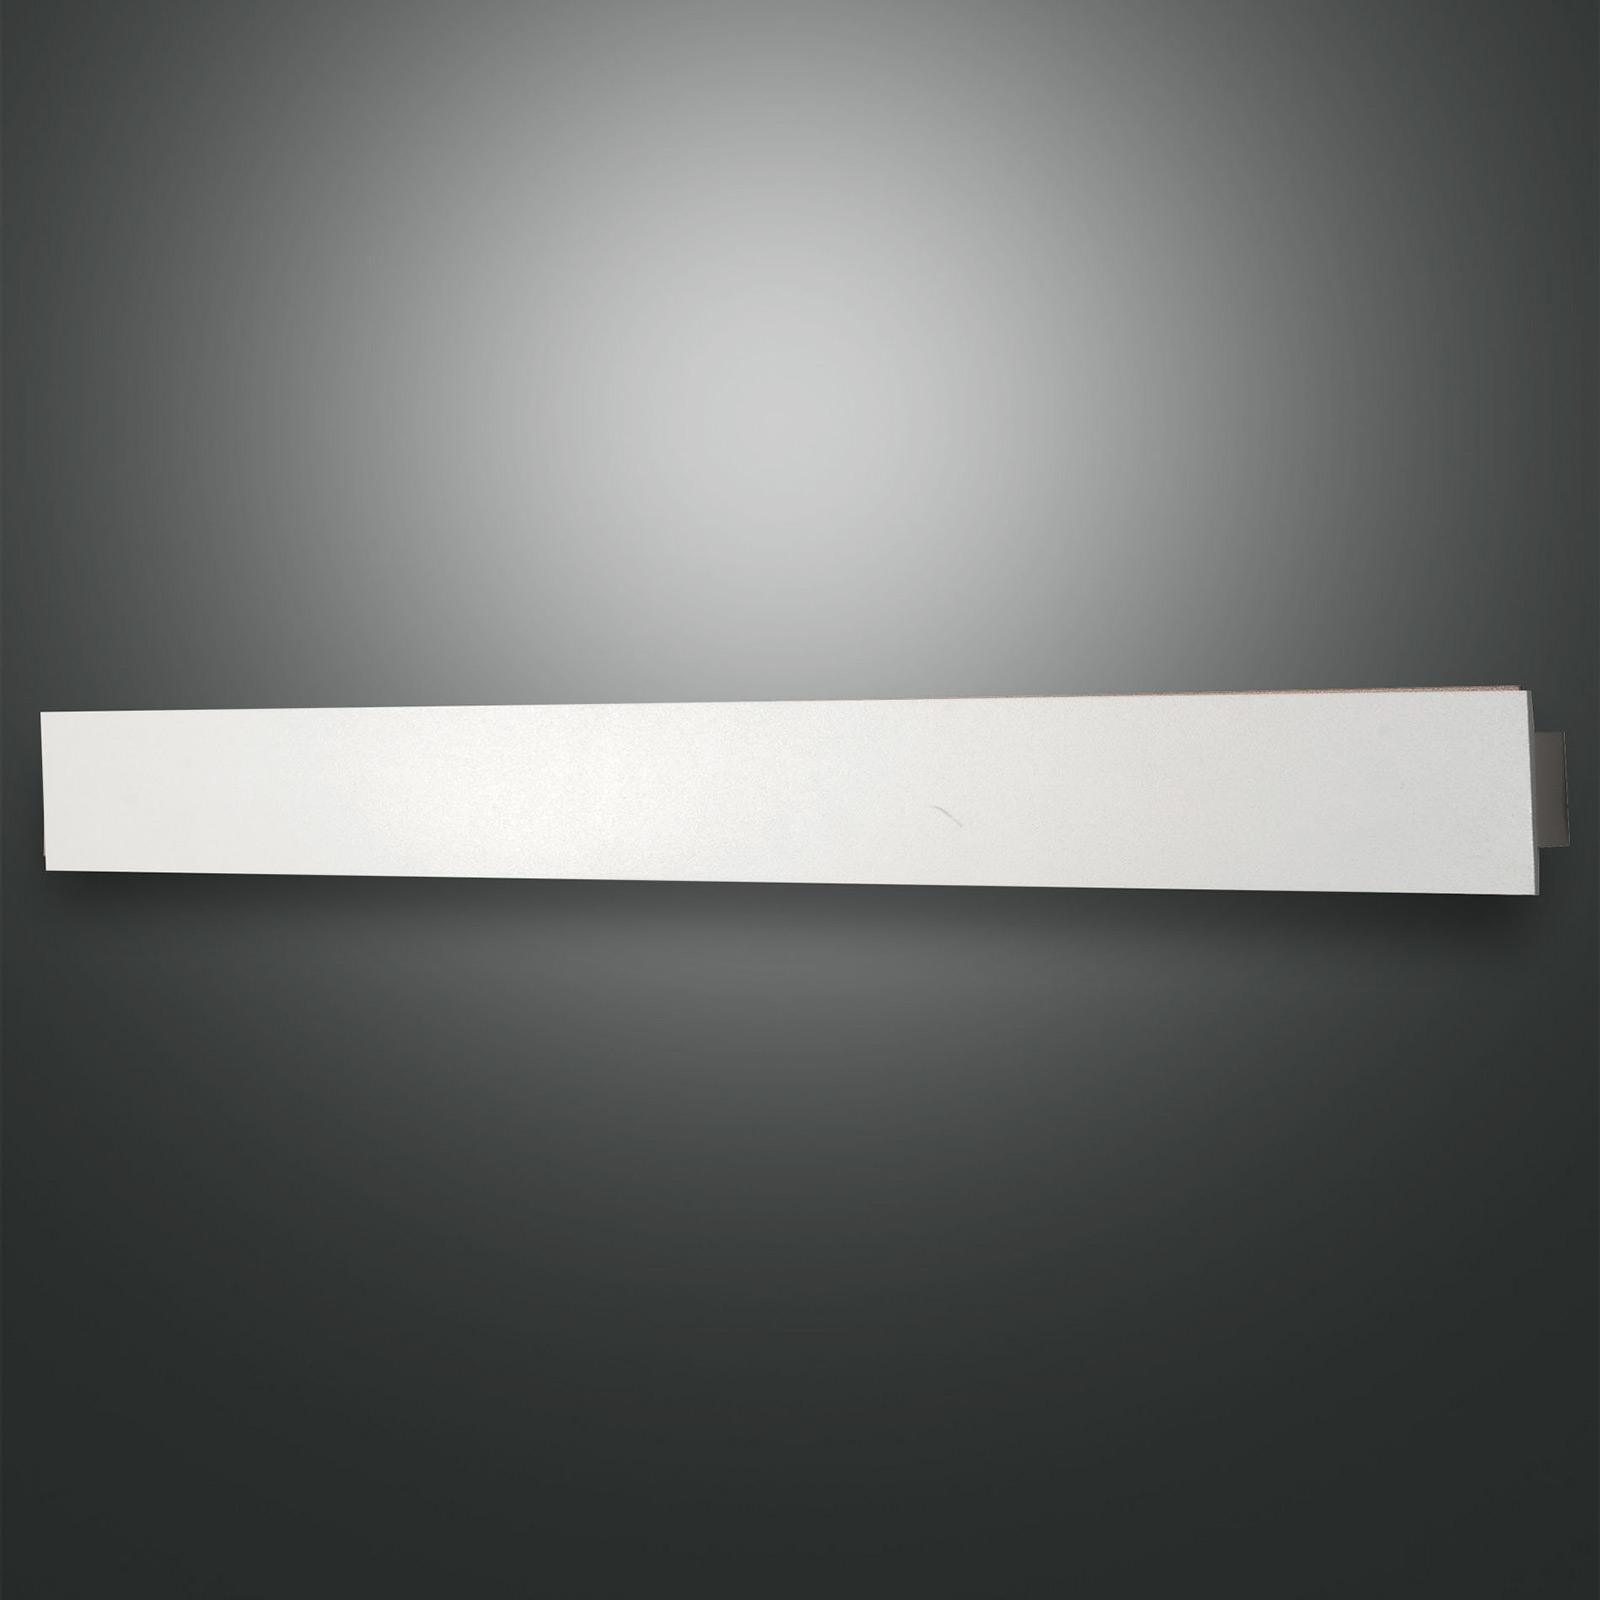 Applique LED Lotus, bianca, lunga 93 cm